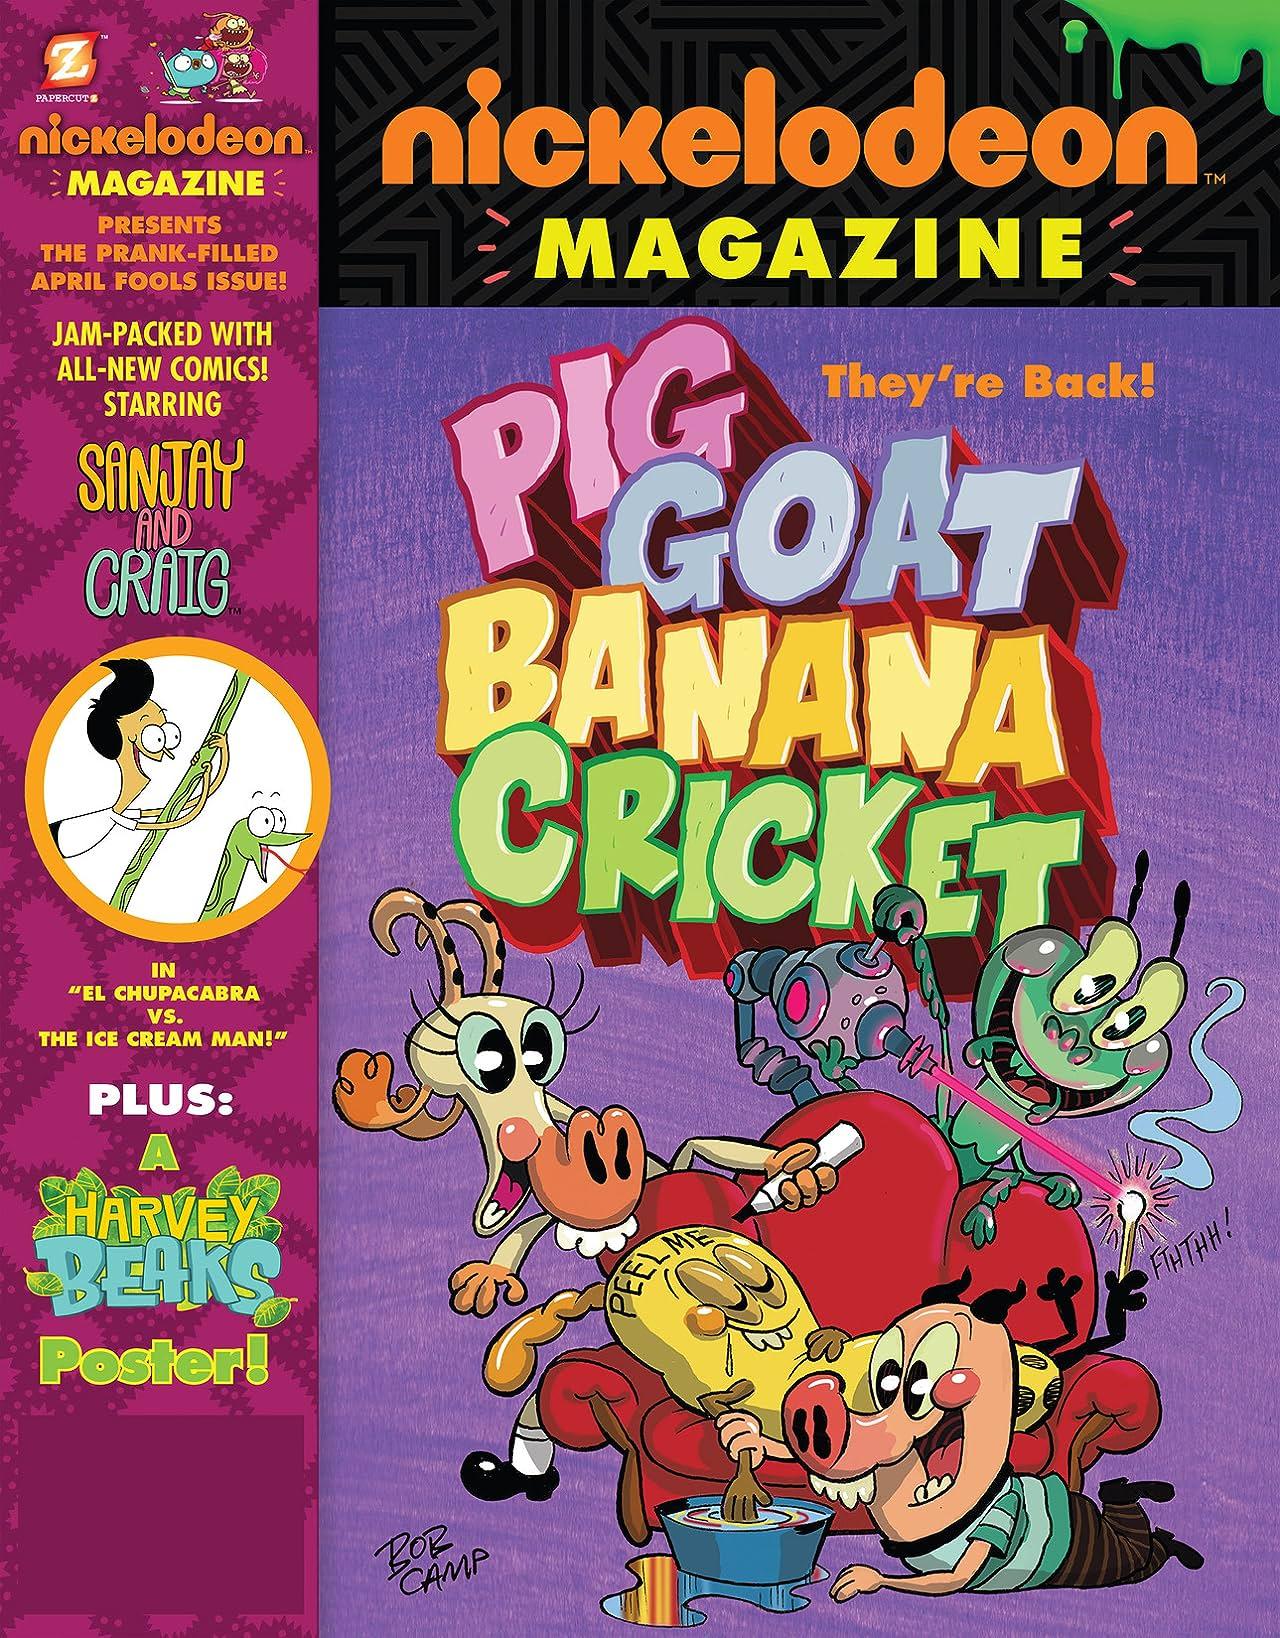 Nickelodeon Magazine #10